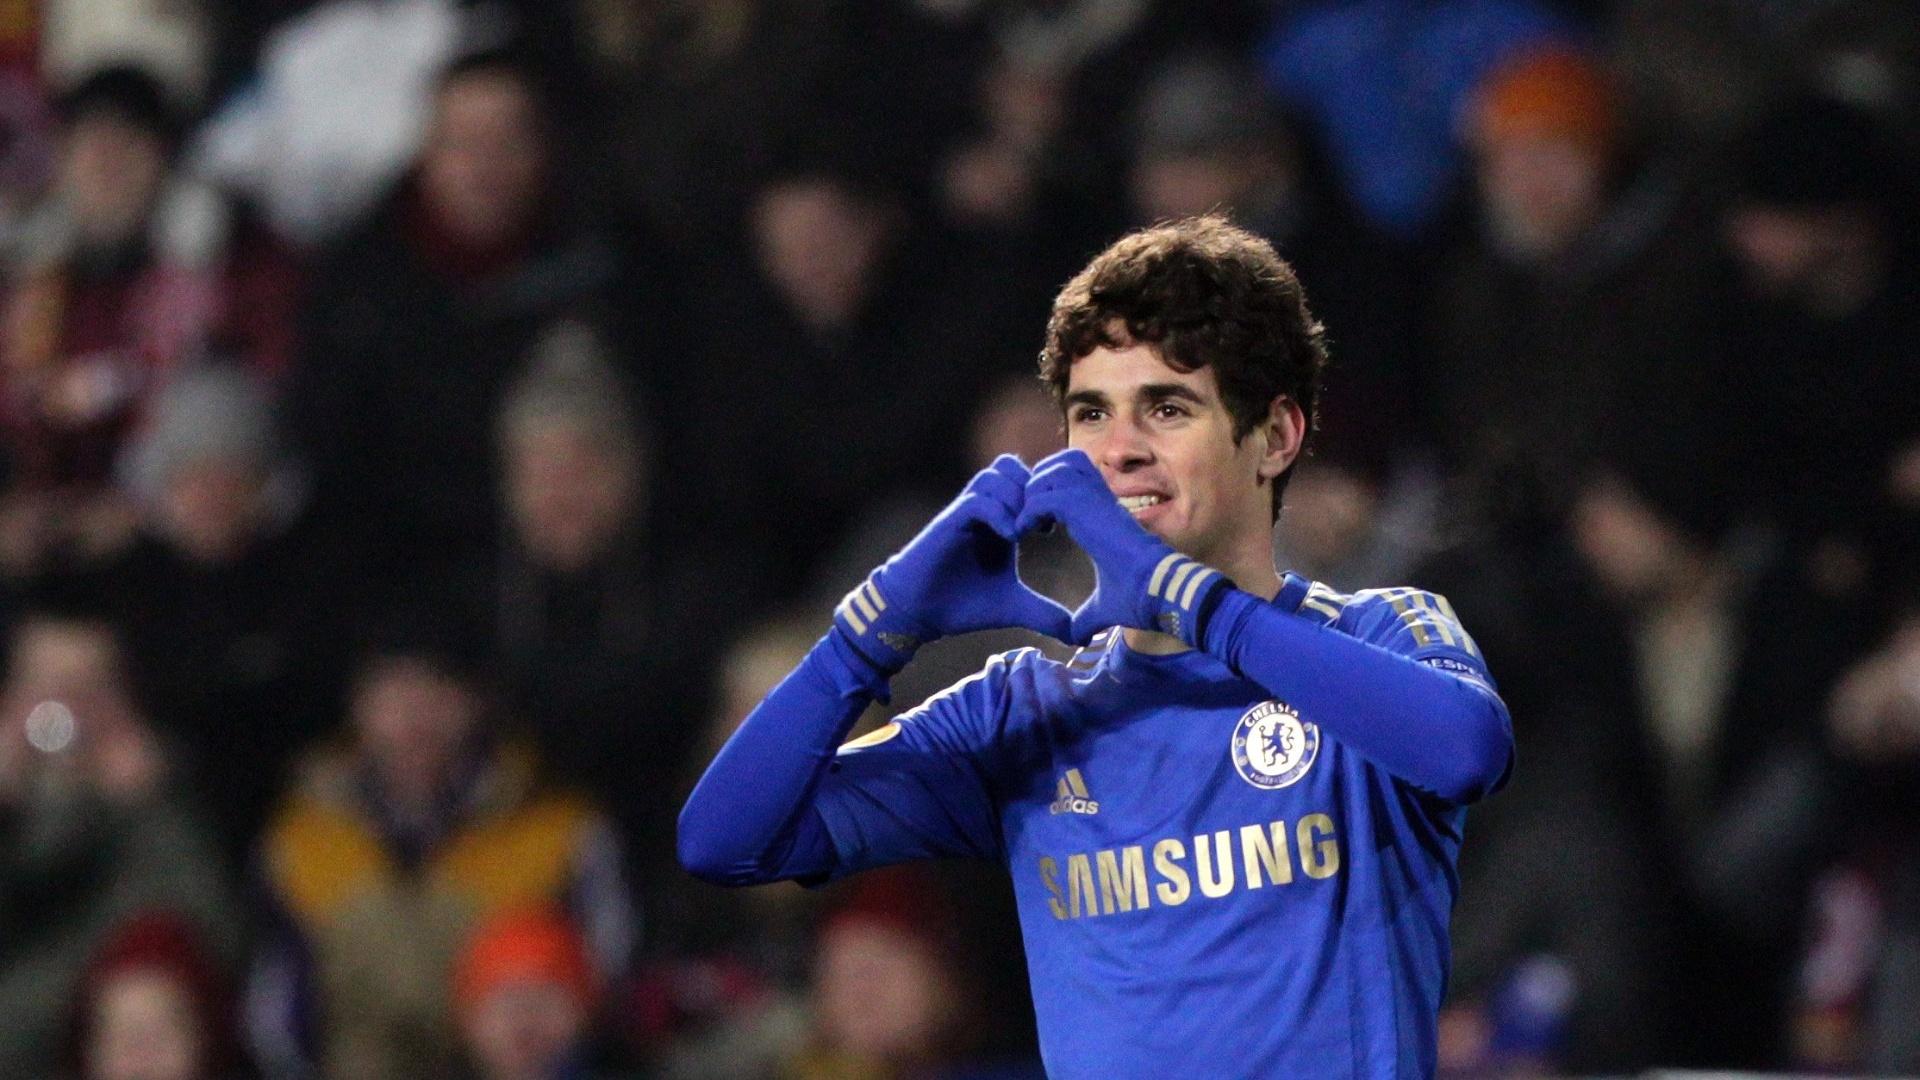 84baea17b6b5c Oscar marca e dá vitória ao Chelsea nos mata-matas da Liga Europa  Napoli  dá vexame em casa - 14 02 2013 - UOL Esporte